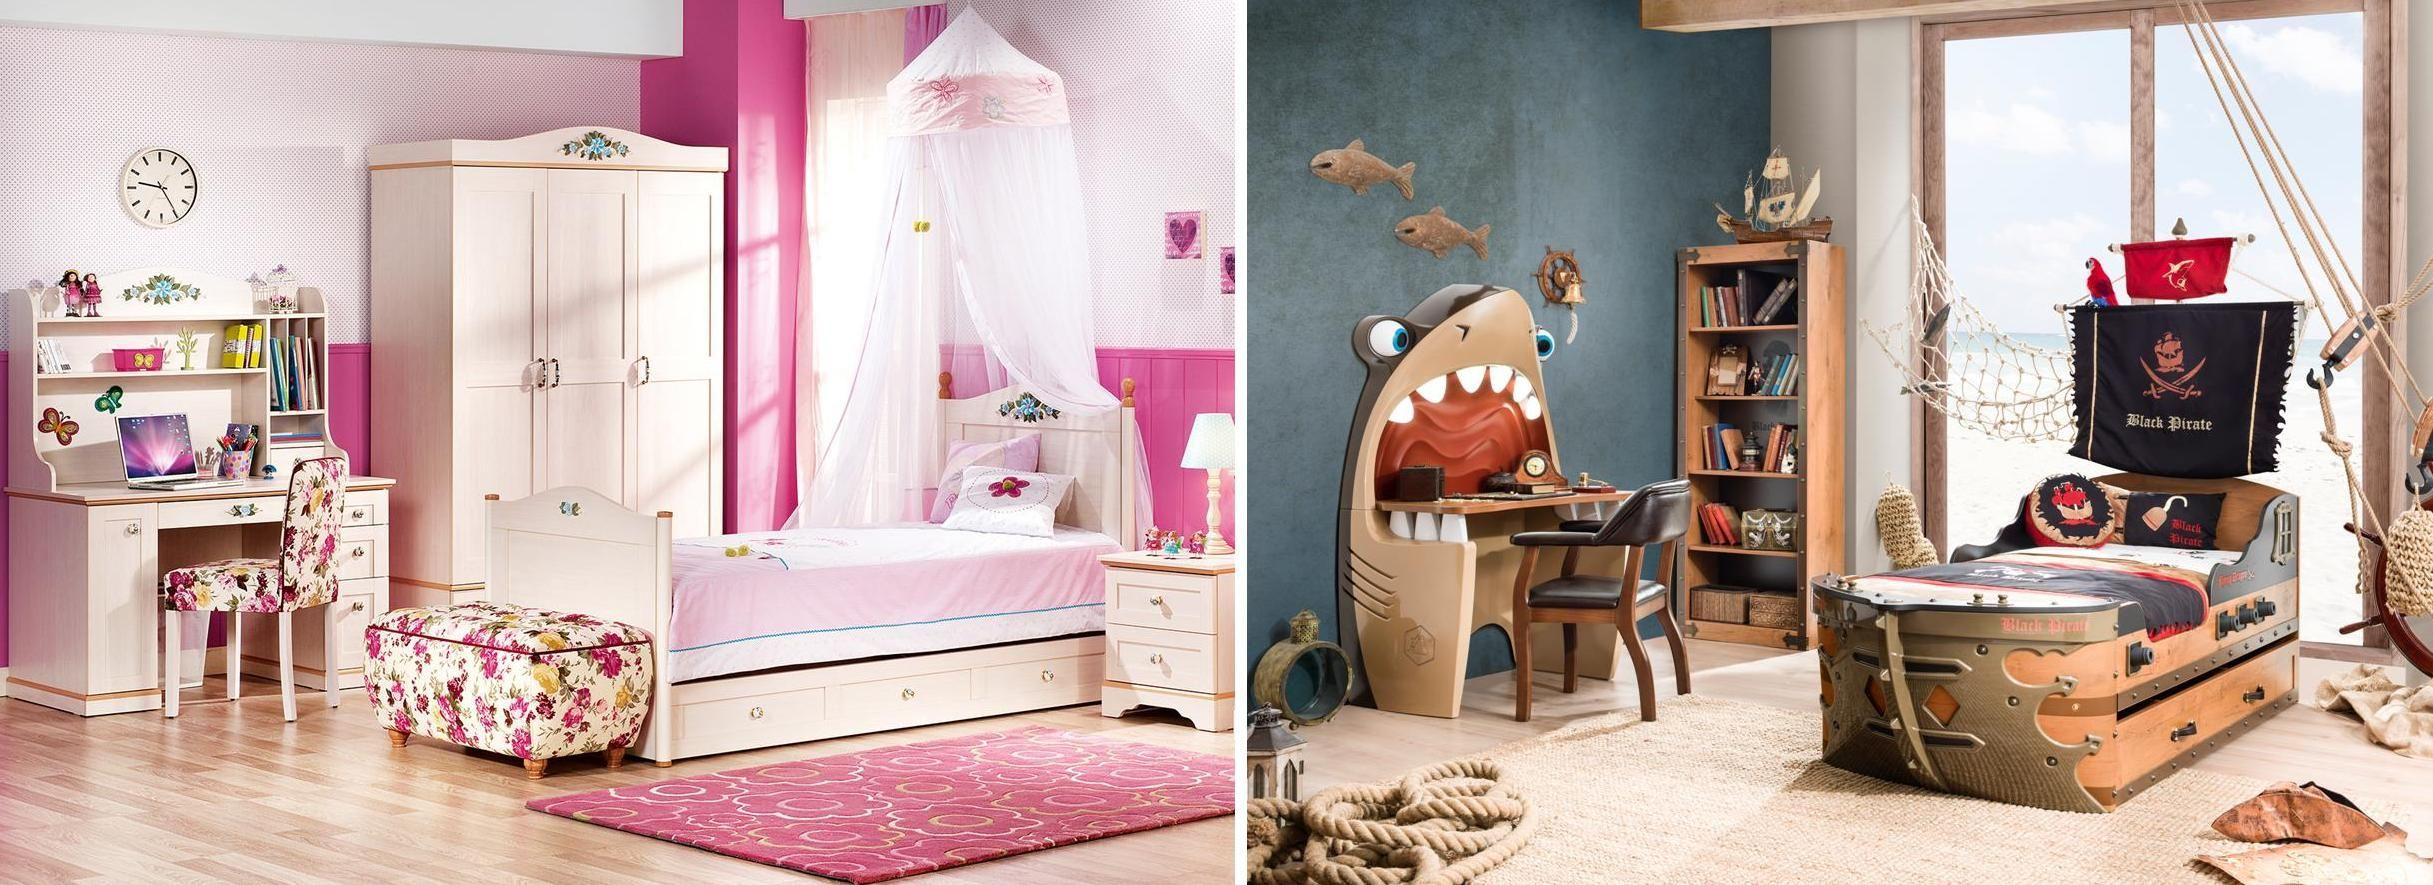 2531d29dac Originálne detské izby Cilek - Hezký detský nábytok